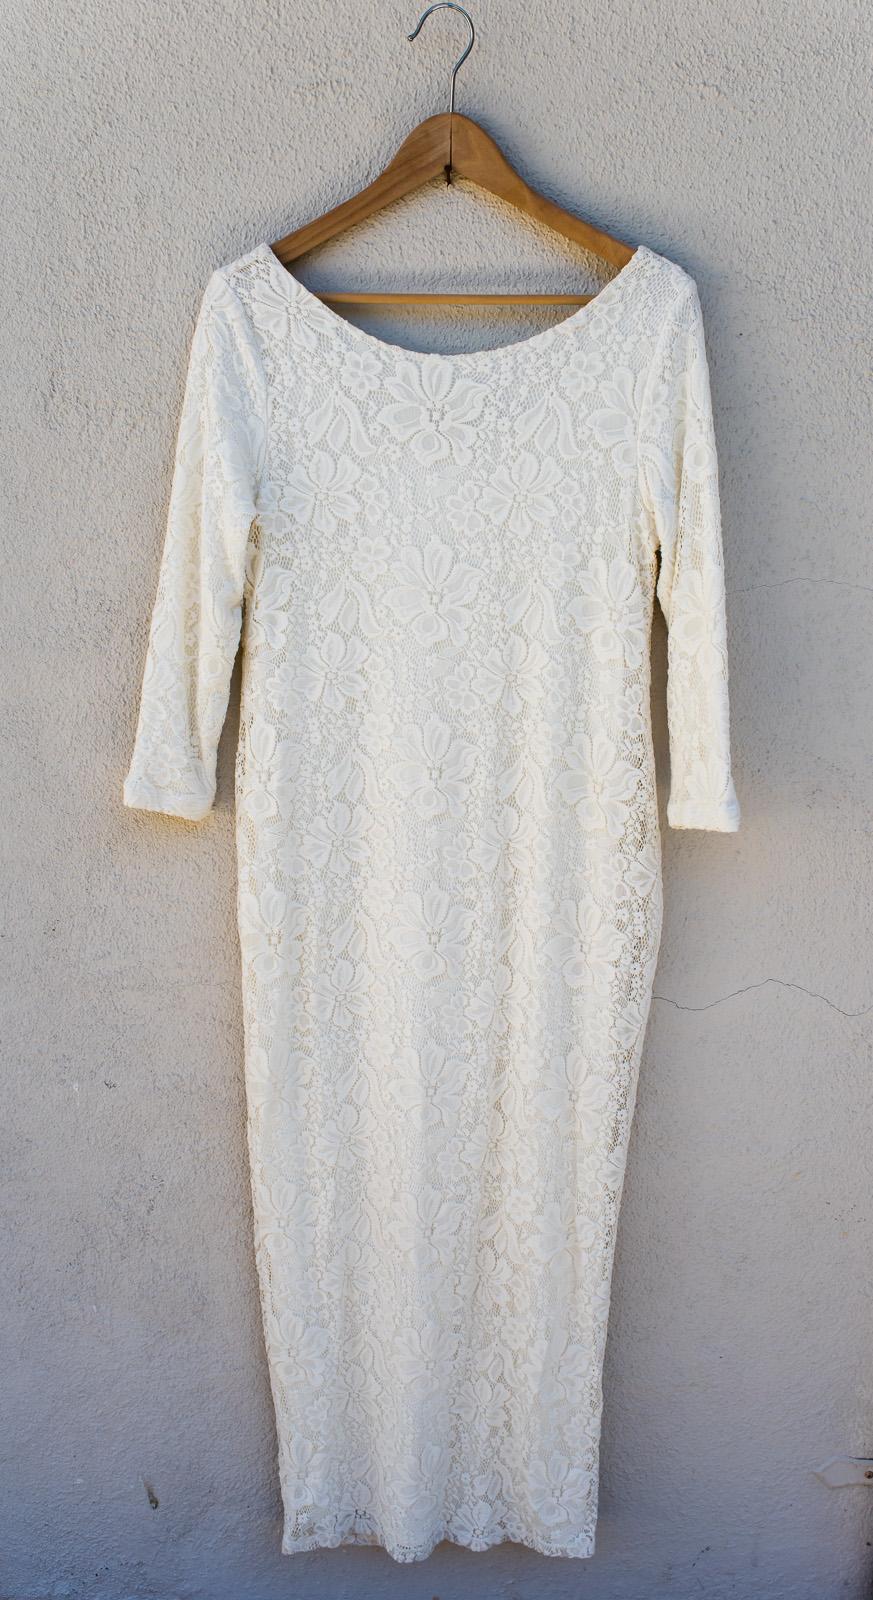 White Lace Dress - Ingrid & IsabelSize M3/4 SleeveCalf/Long Length